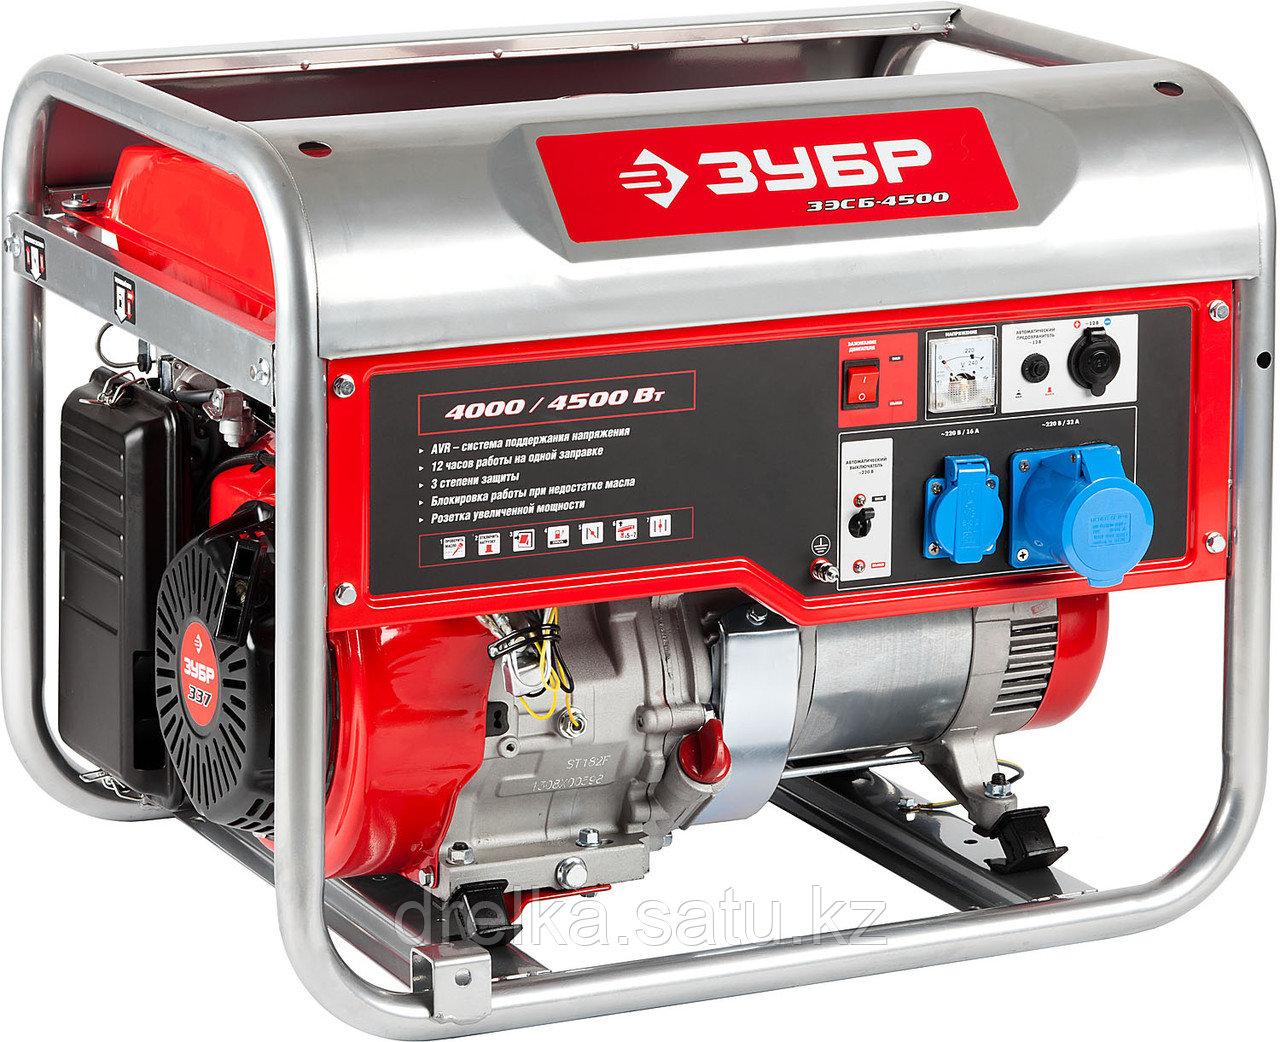 Бензиновый электрогенератор ЗУБР ЗЭСБ-4500, двигатель 4-х тактный, ручной пуск, 4500/4000Вт, 220/12В - фото 1